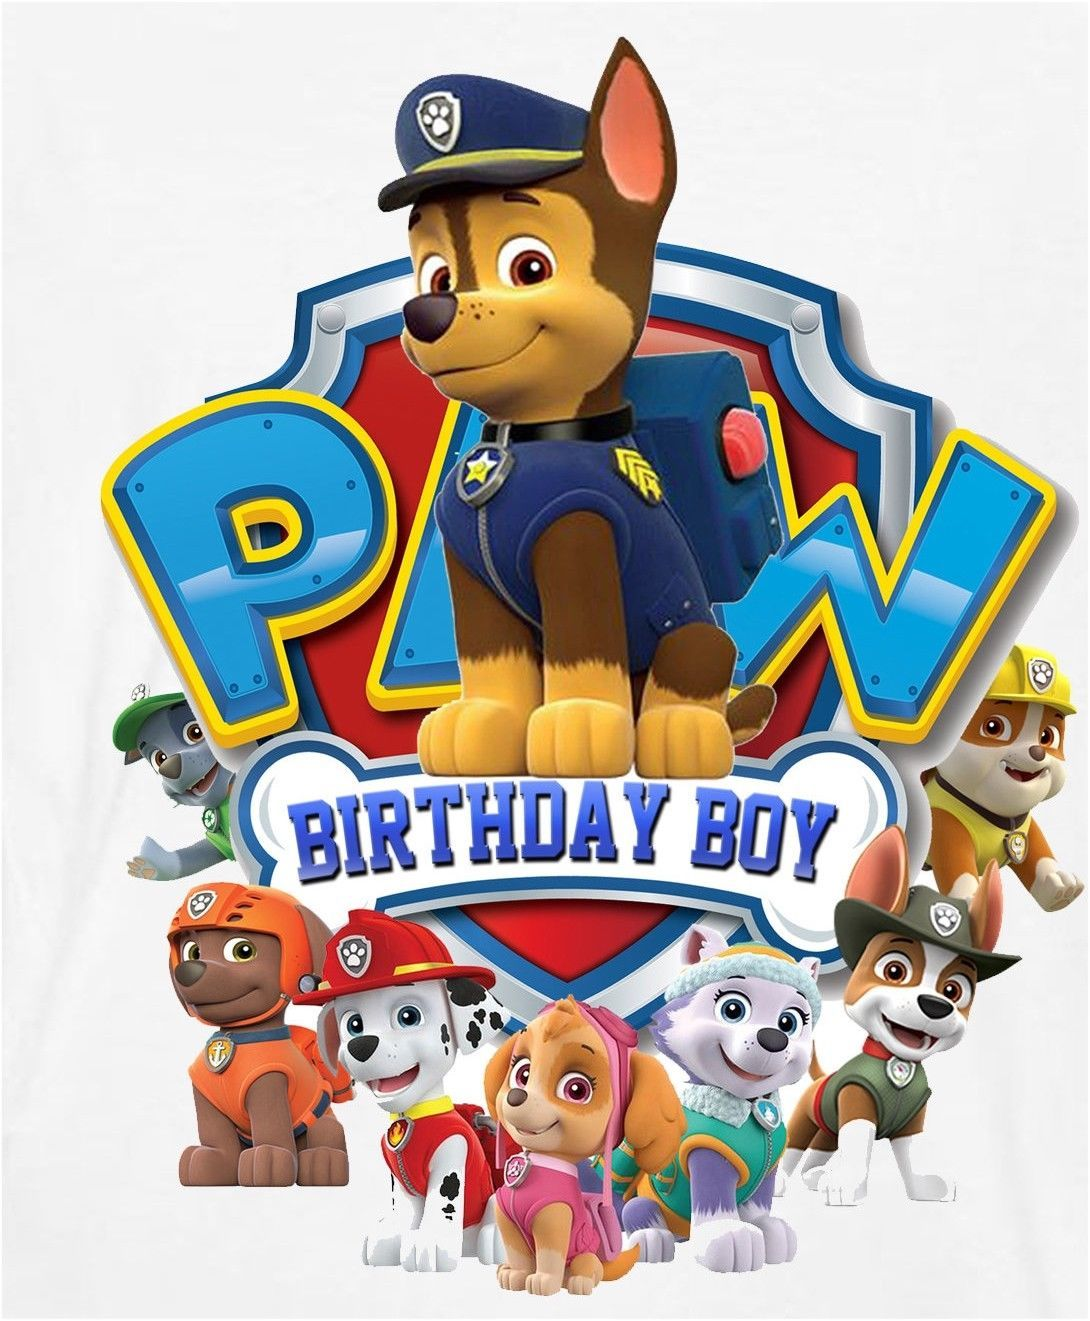 Картинки с днем рождения щенячий патруль 3 года, шебби шик картинках